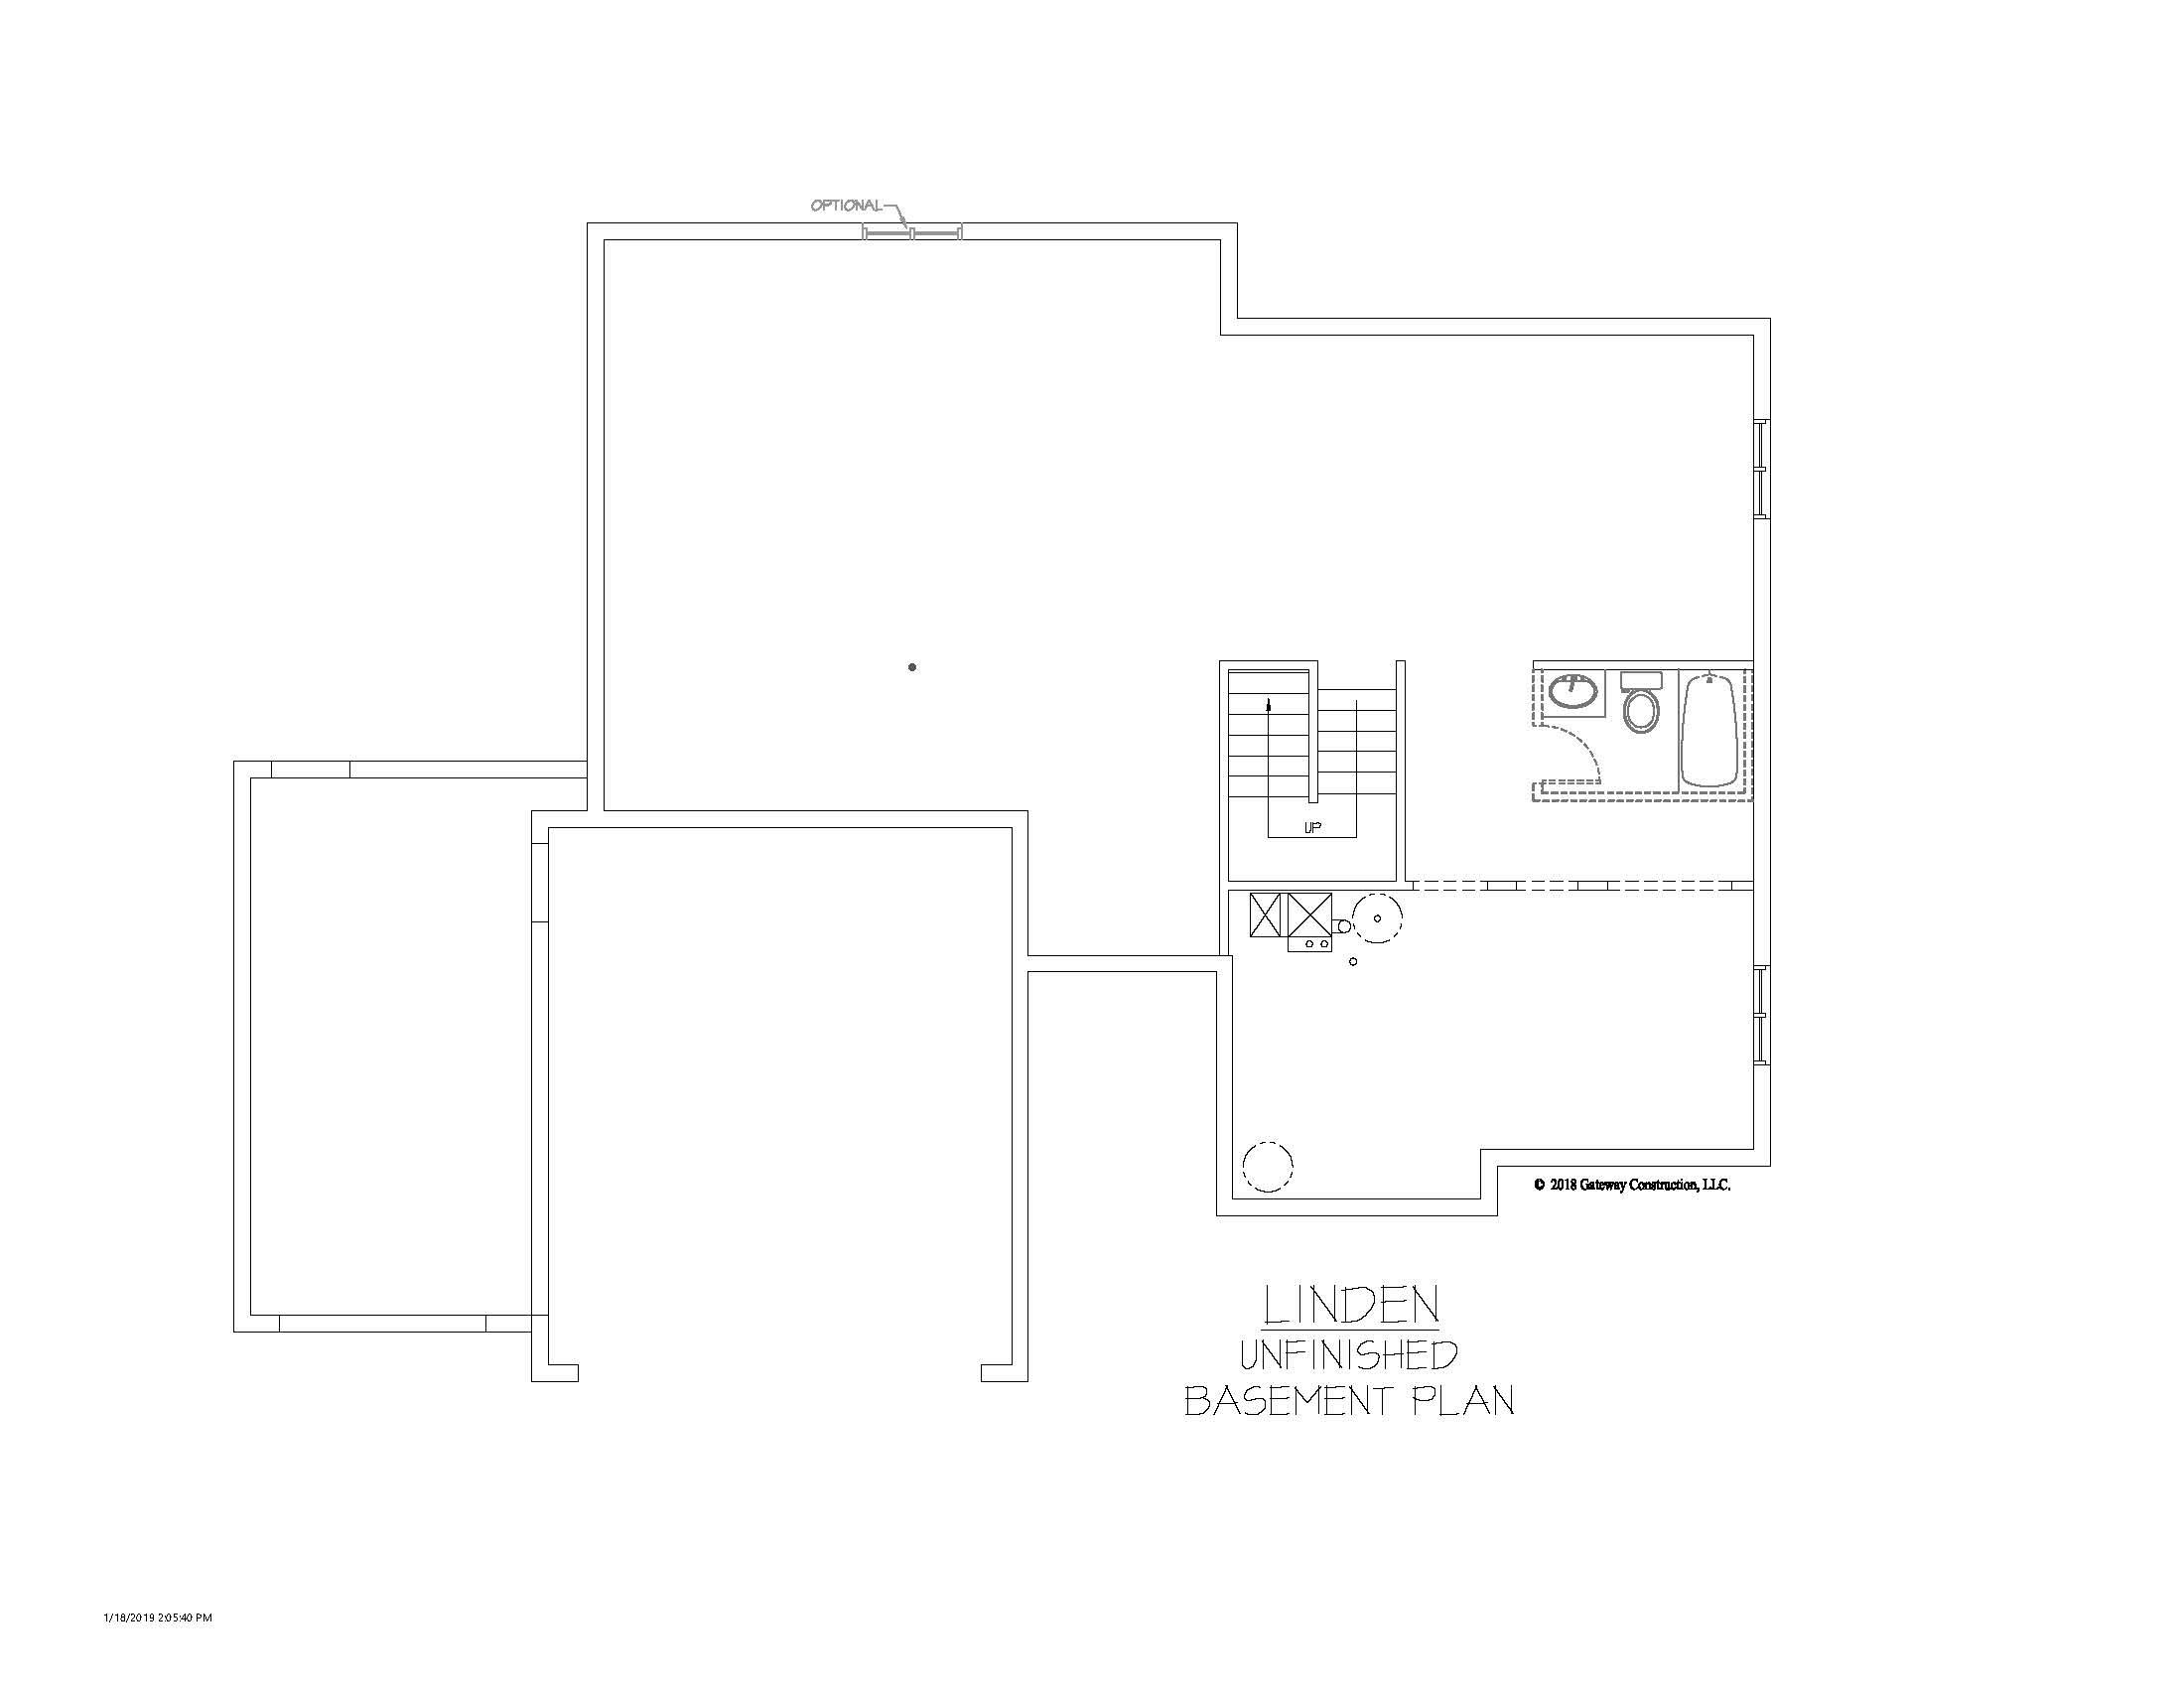 Linden GL Basement Unfinished